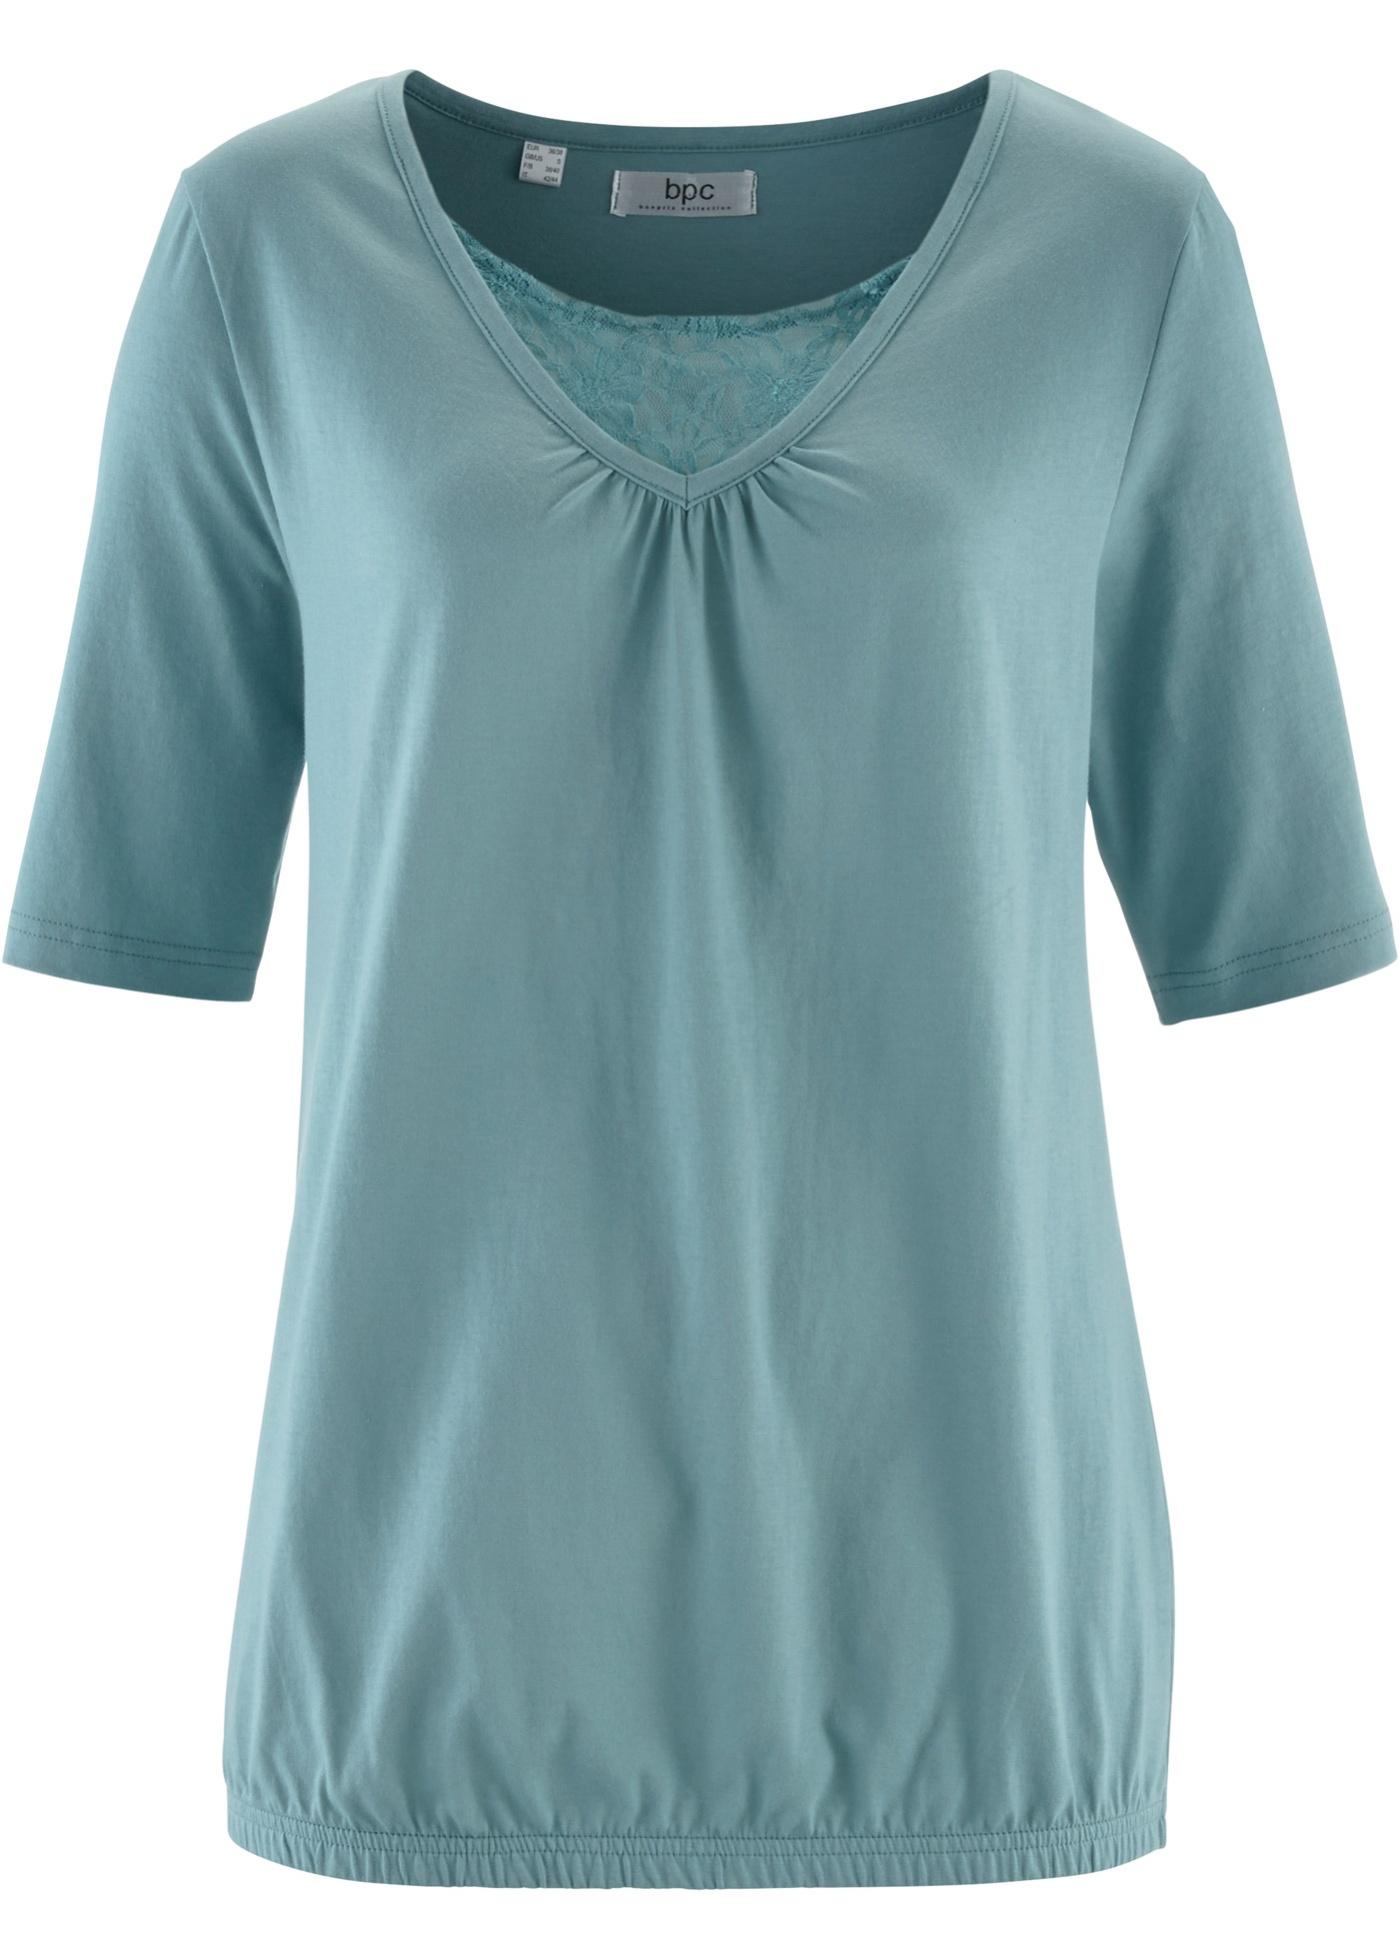 Rainbow bpc bonprix collection Shirt mit Spitze, Halbarm in blau für Damen von bonprix